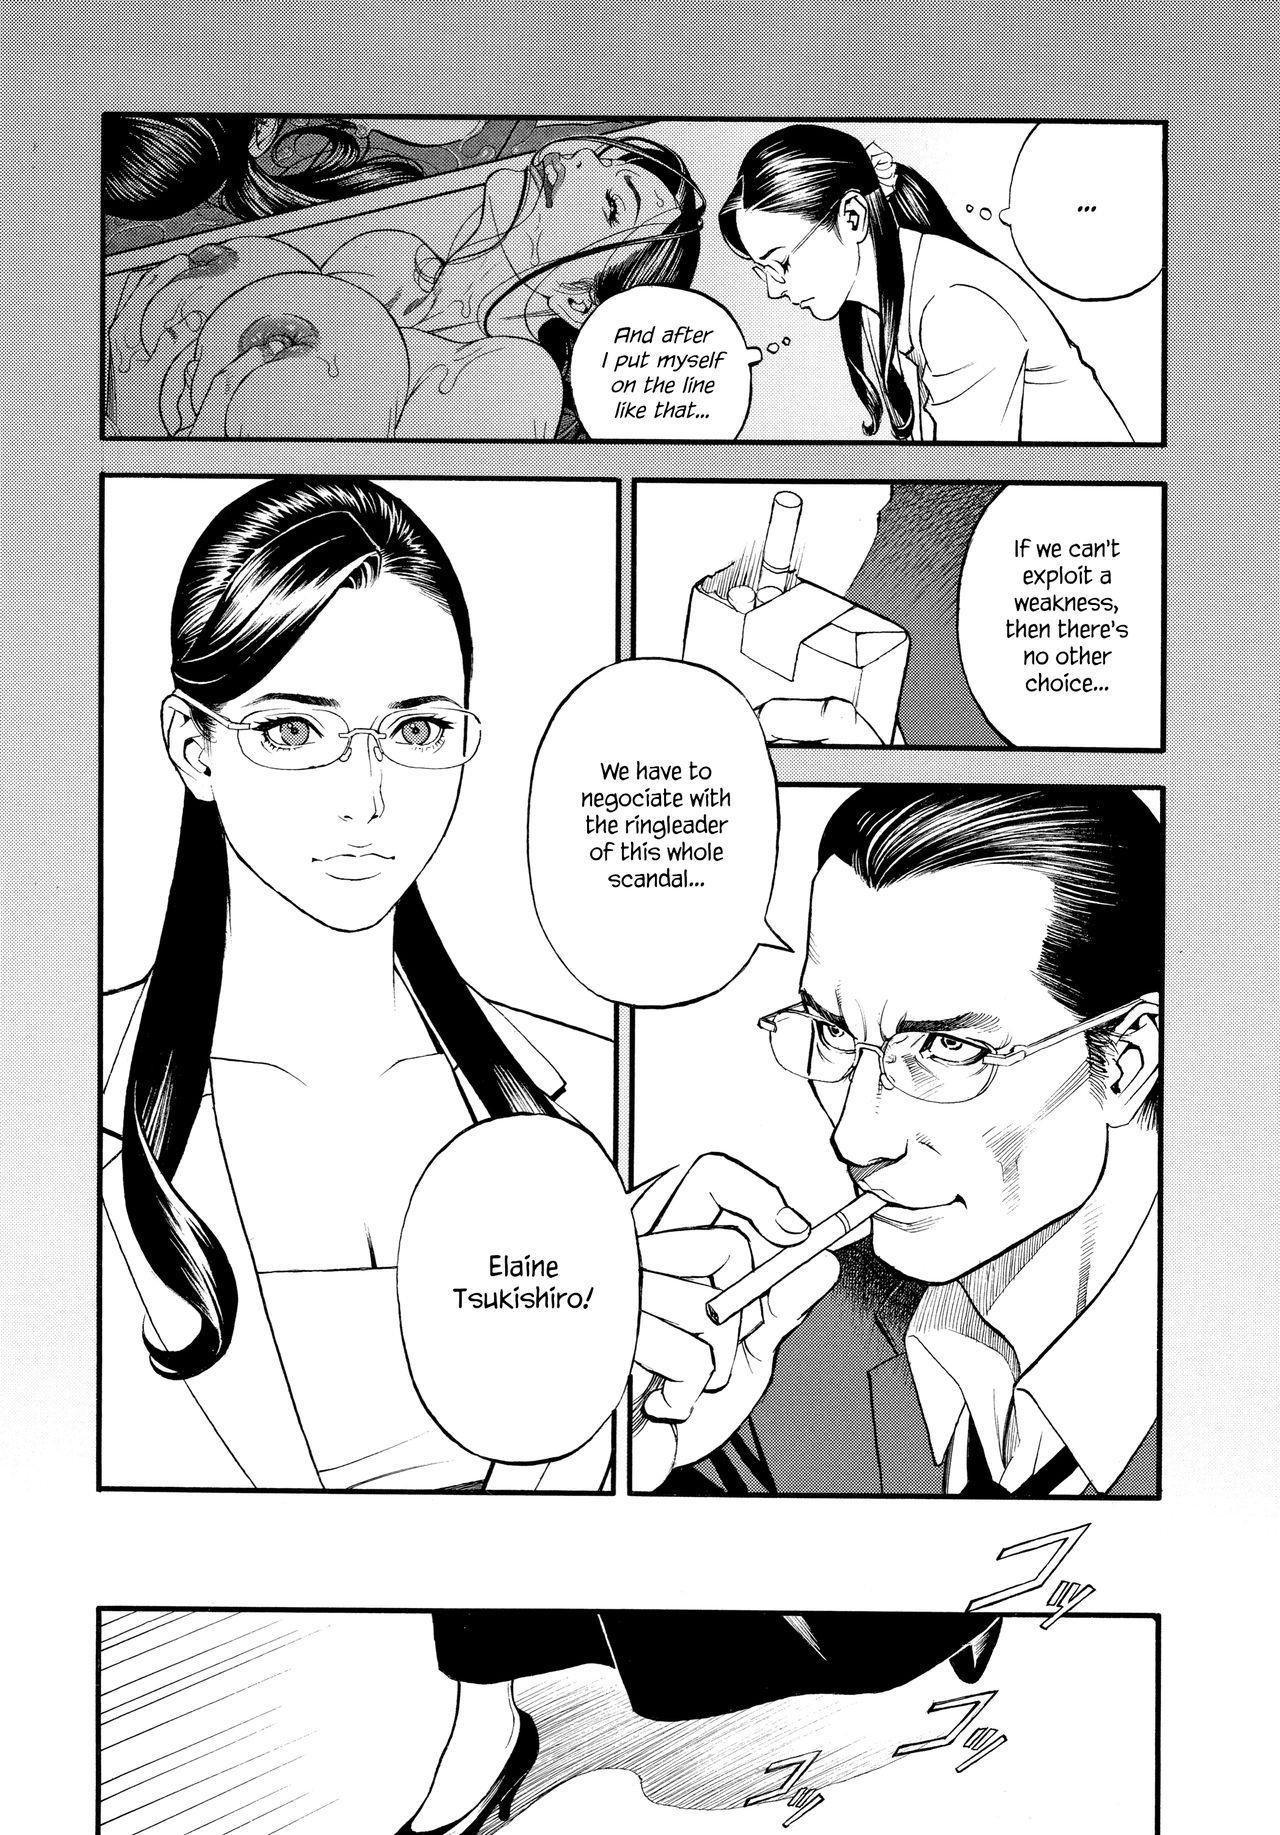 InY Akajuutan + Omake 133